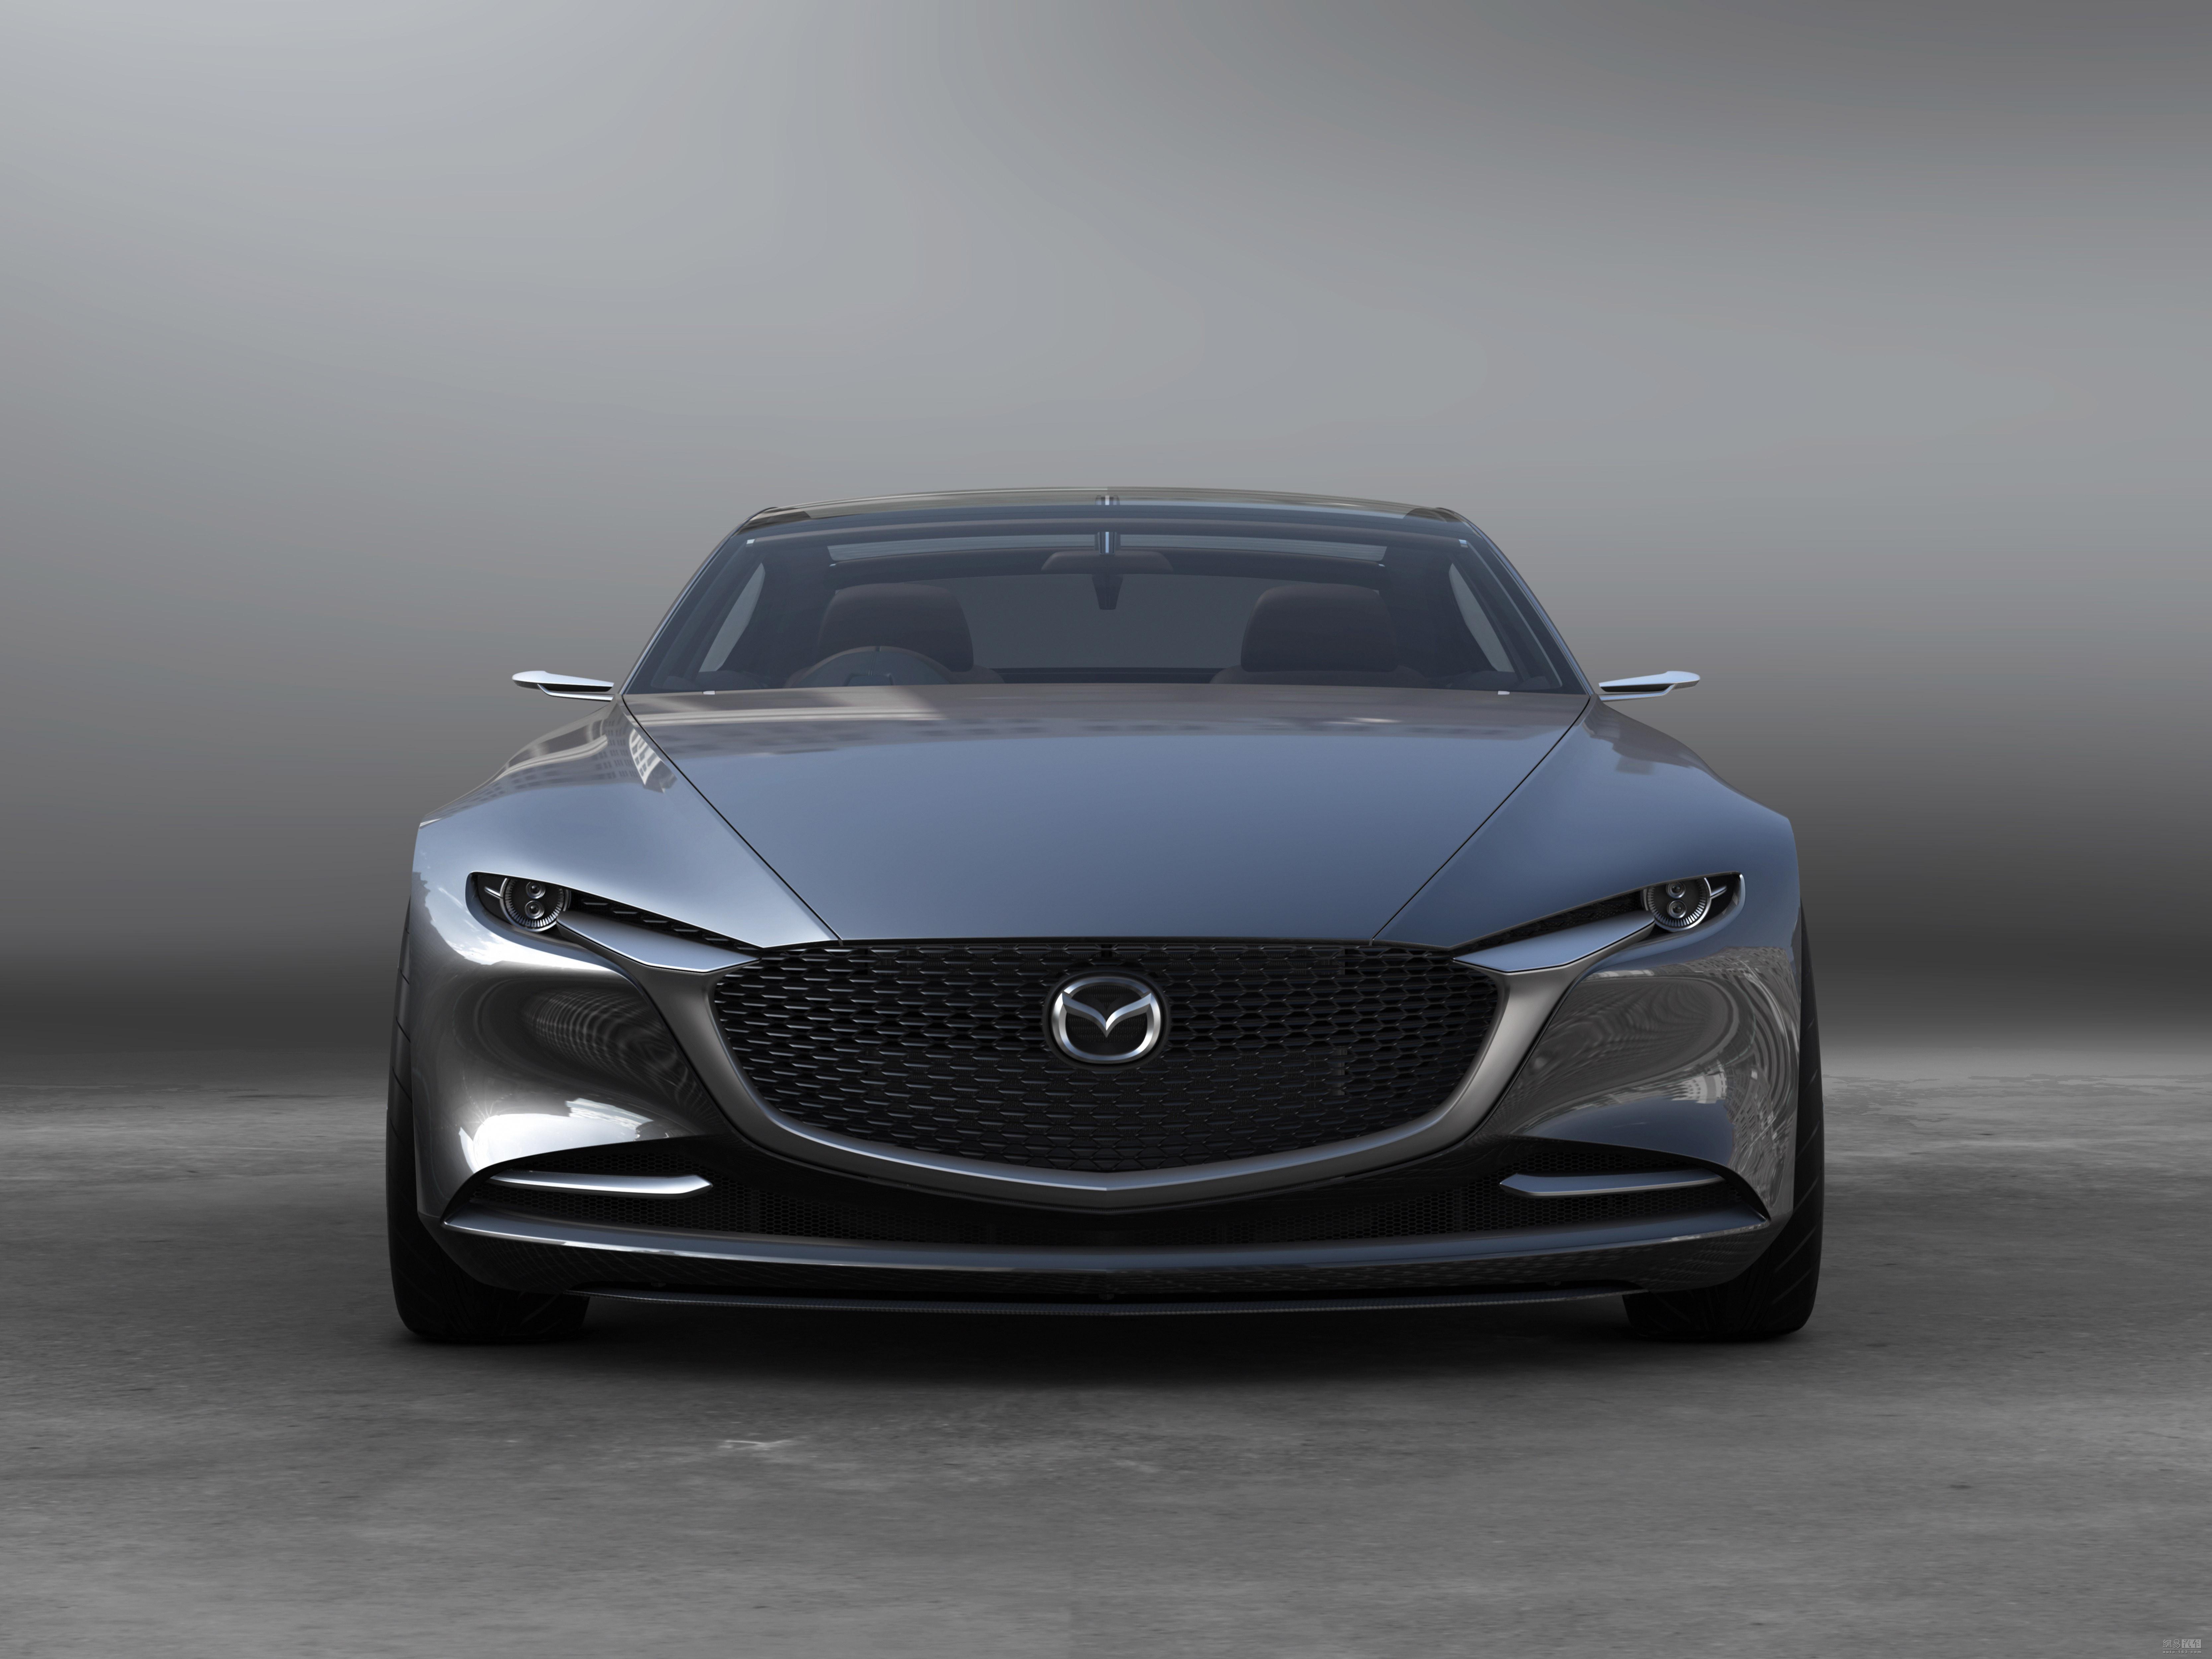 魂动设计升级 马自达VISION COUPE概念车